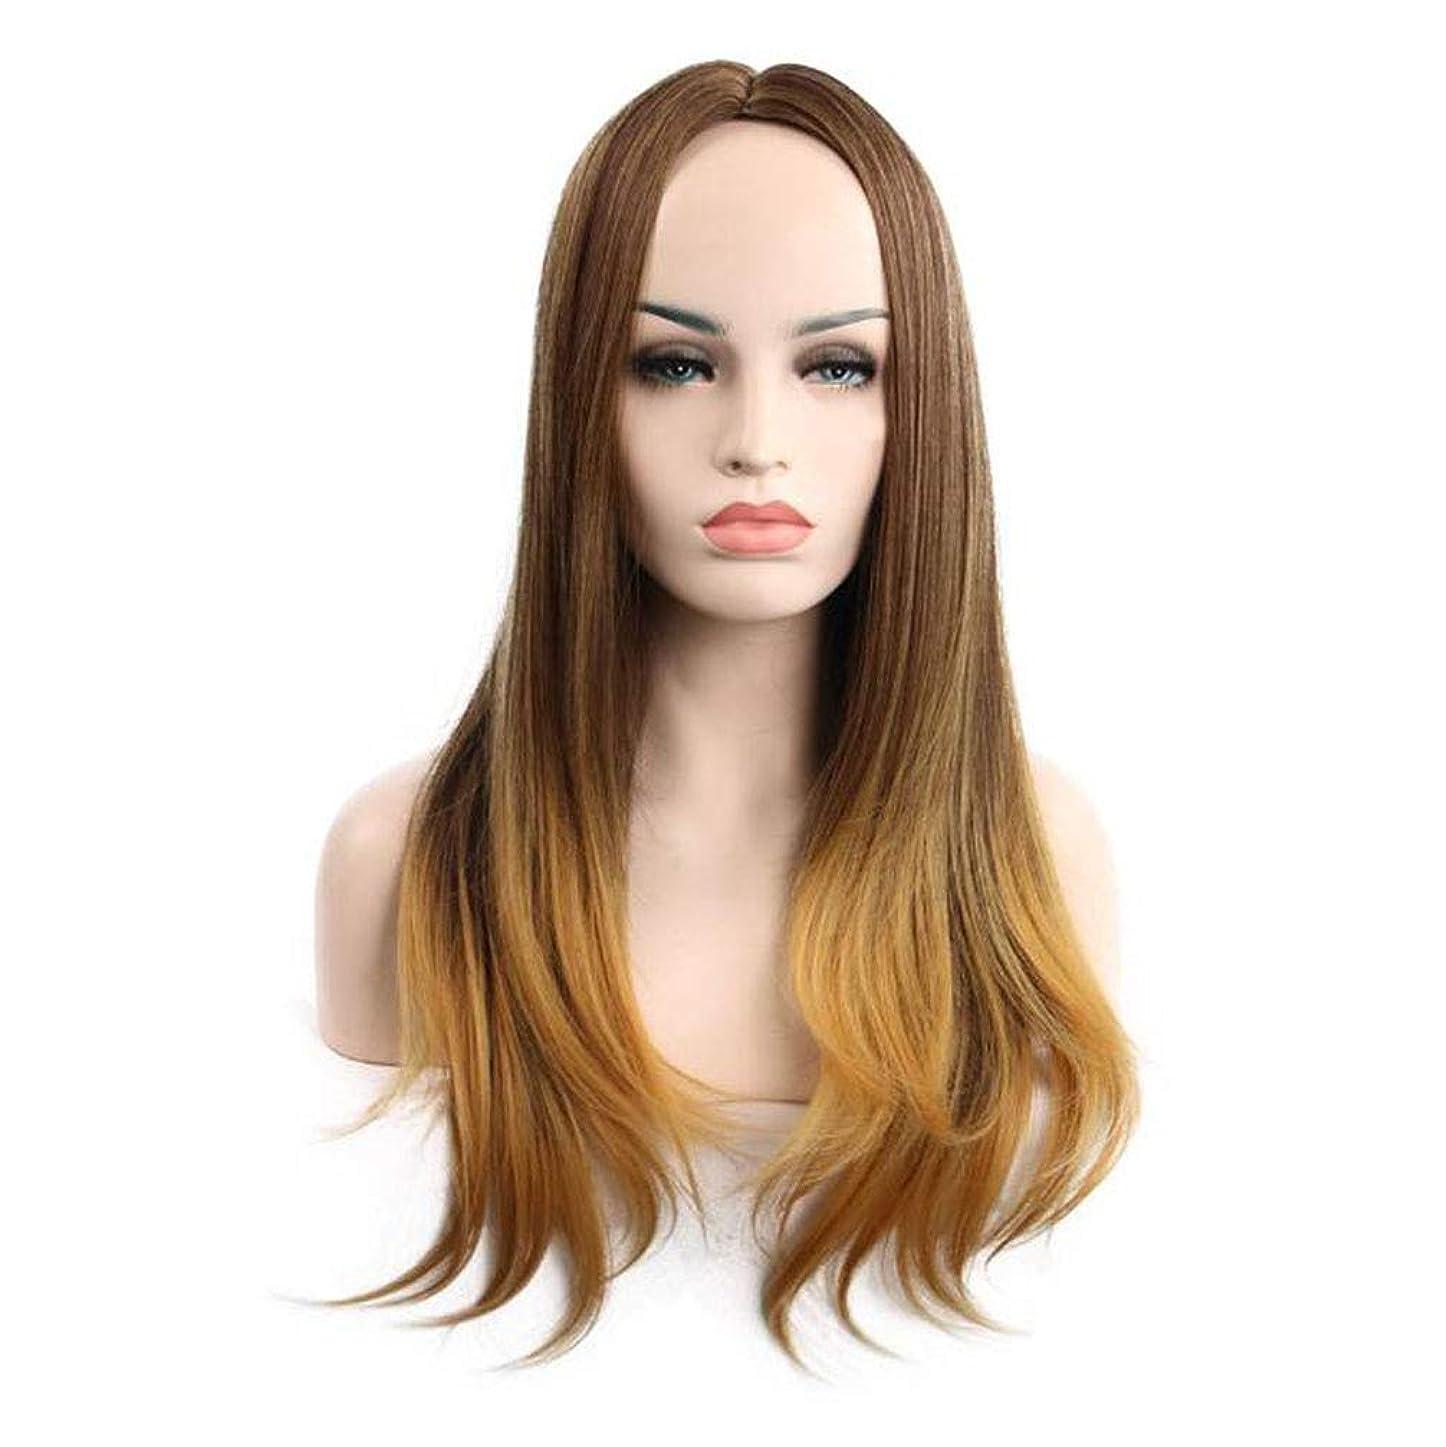 プロット熟練したスカート女性のためのグラデーションウィッグロングカーリーウェーブかつらヘアエクステンションのために女の子フレンドリー合成パーティー日常使用